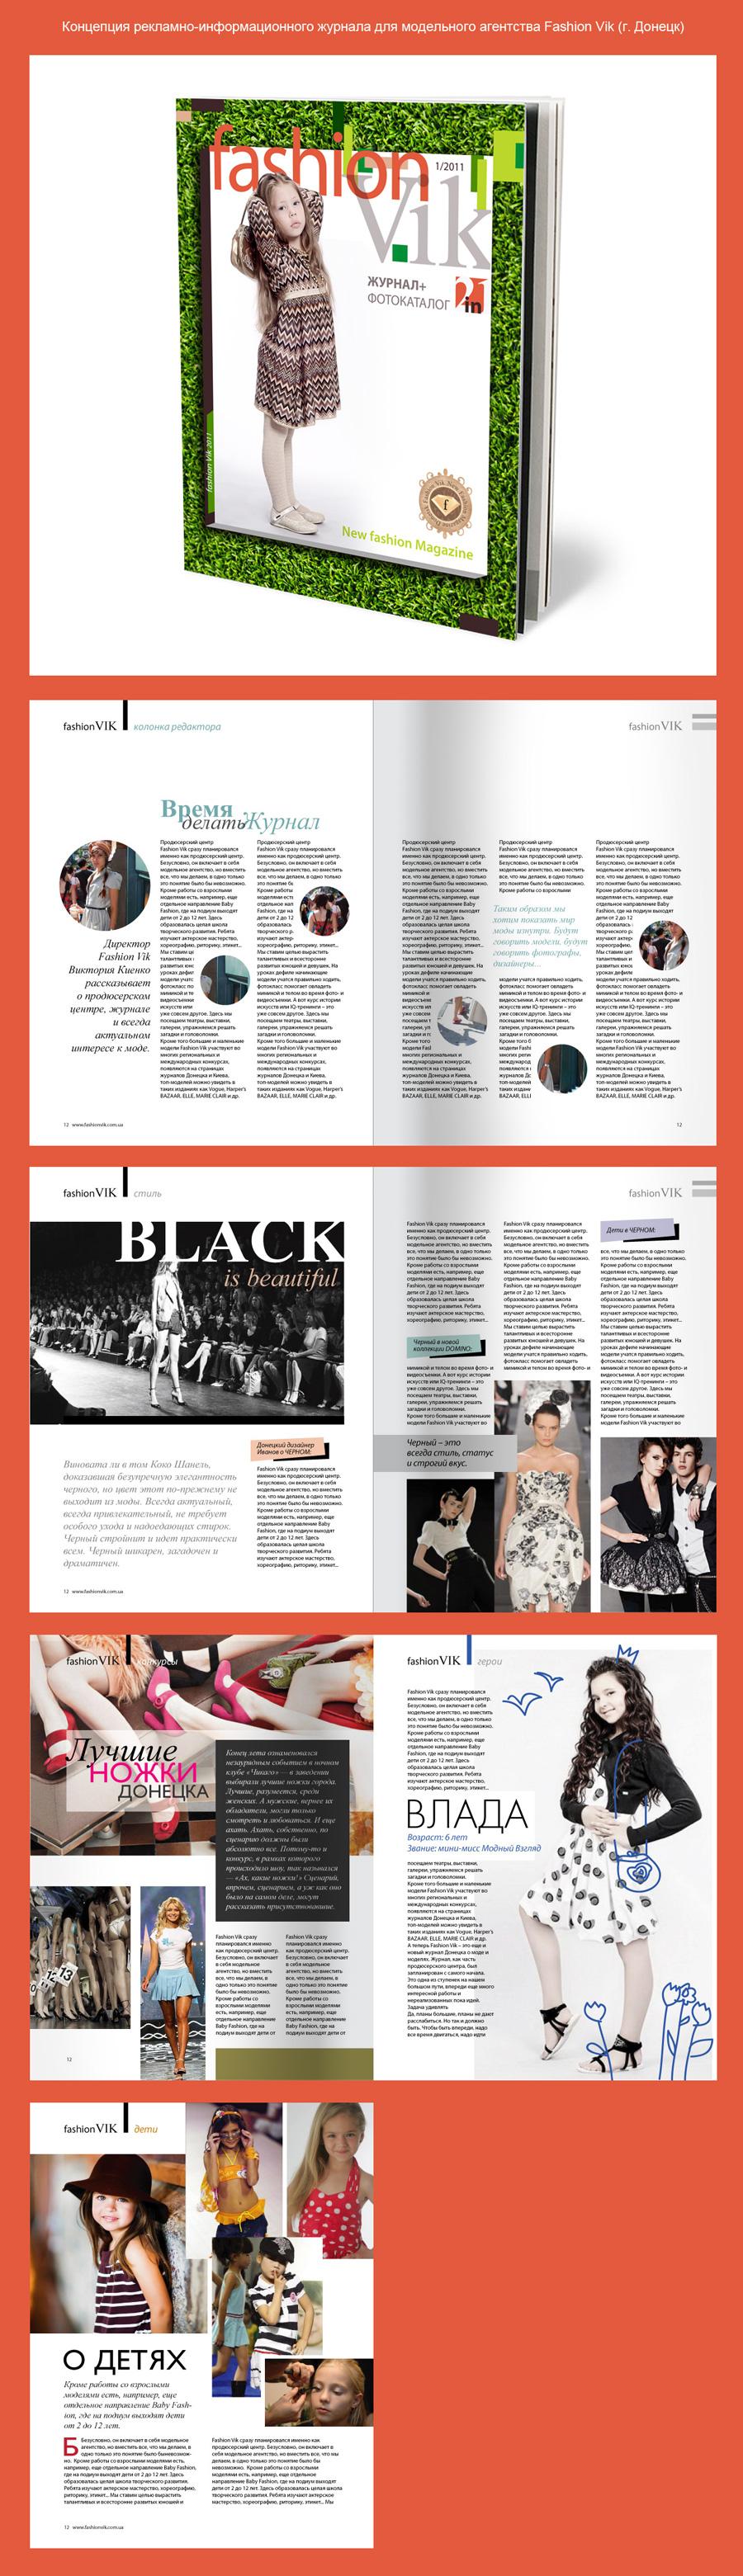 Рекламно-информационный журнал для модельного агентства Fashion Vik